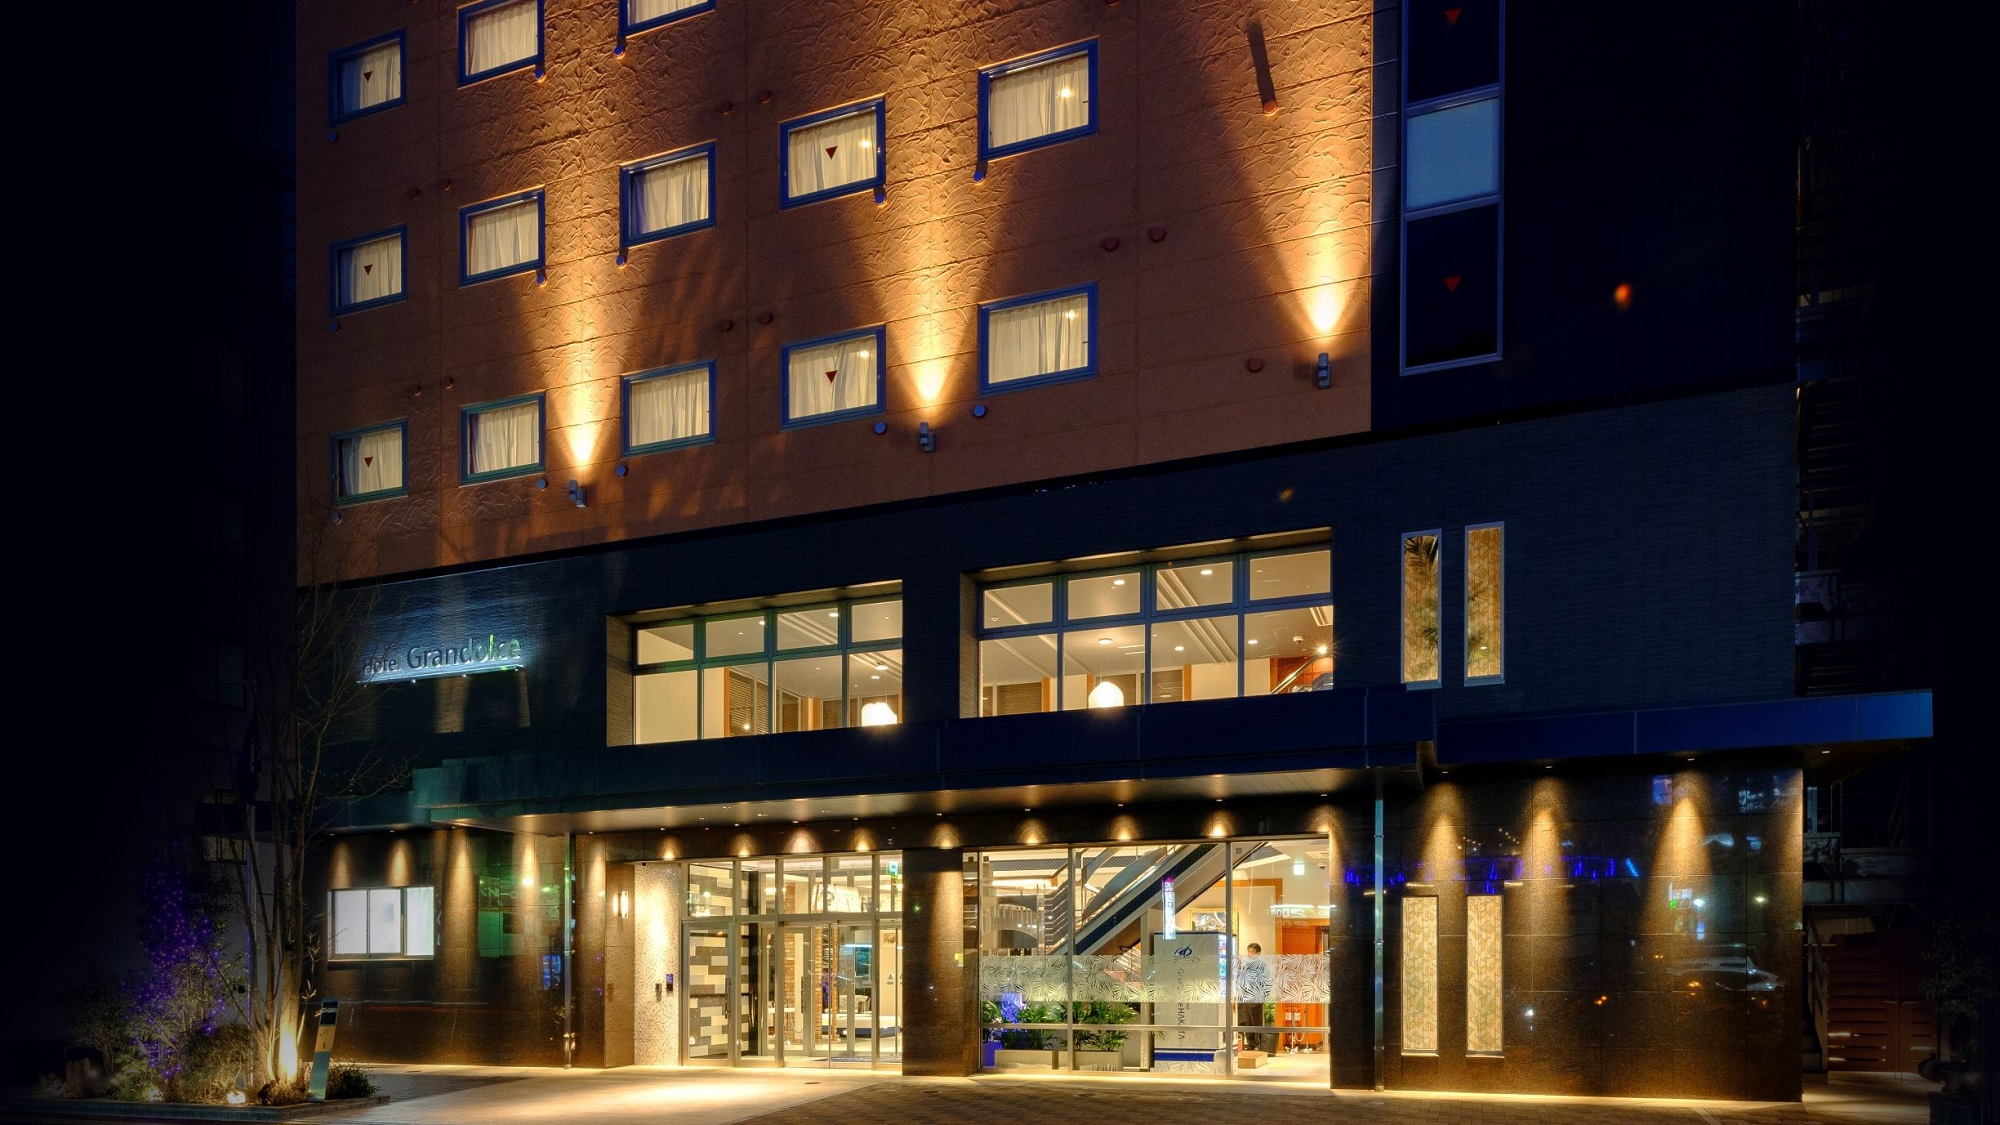 ホテル グランドルチェ博多